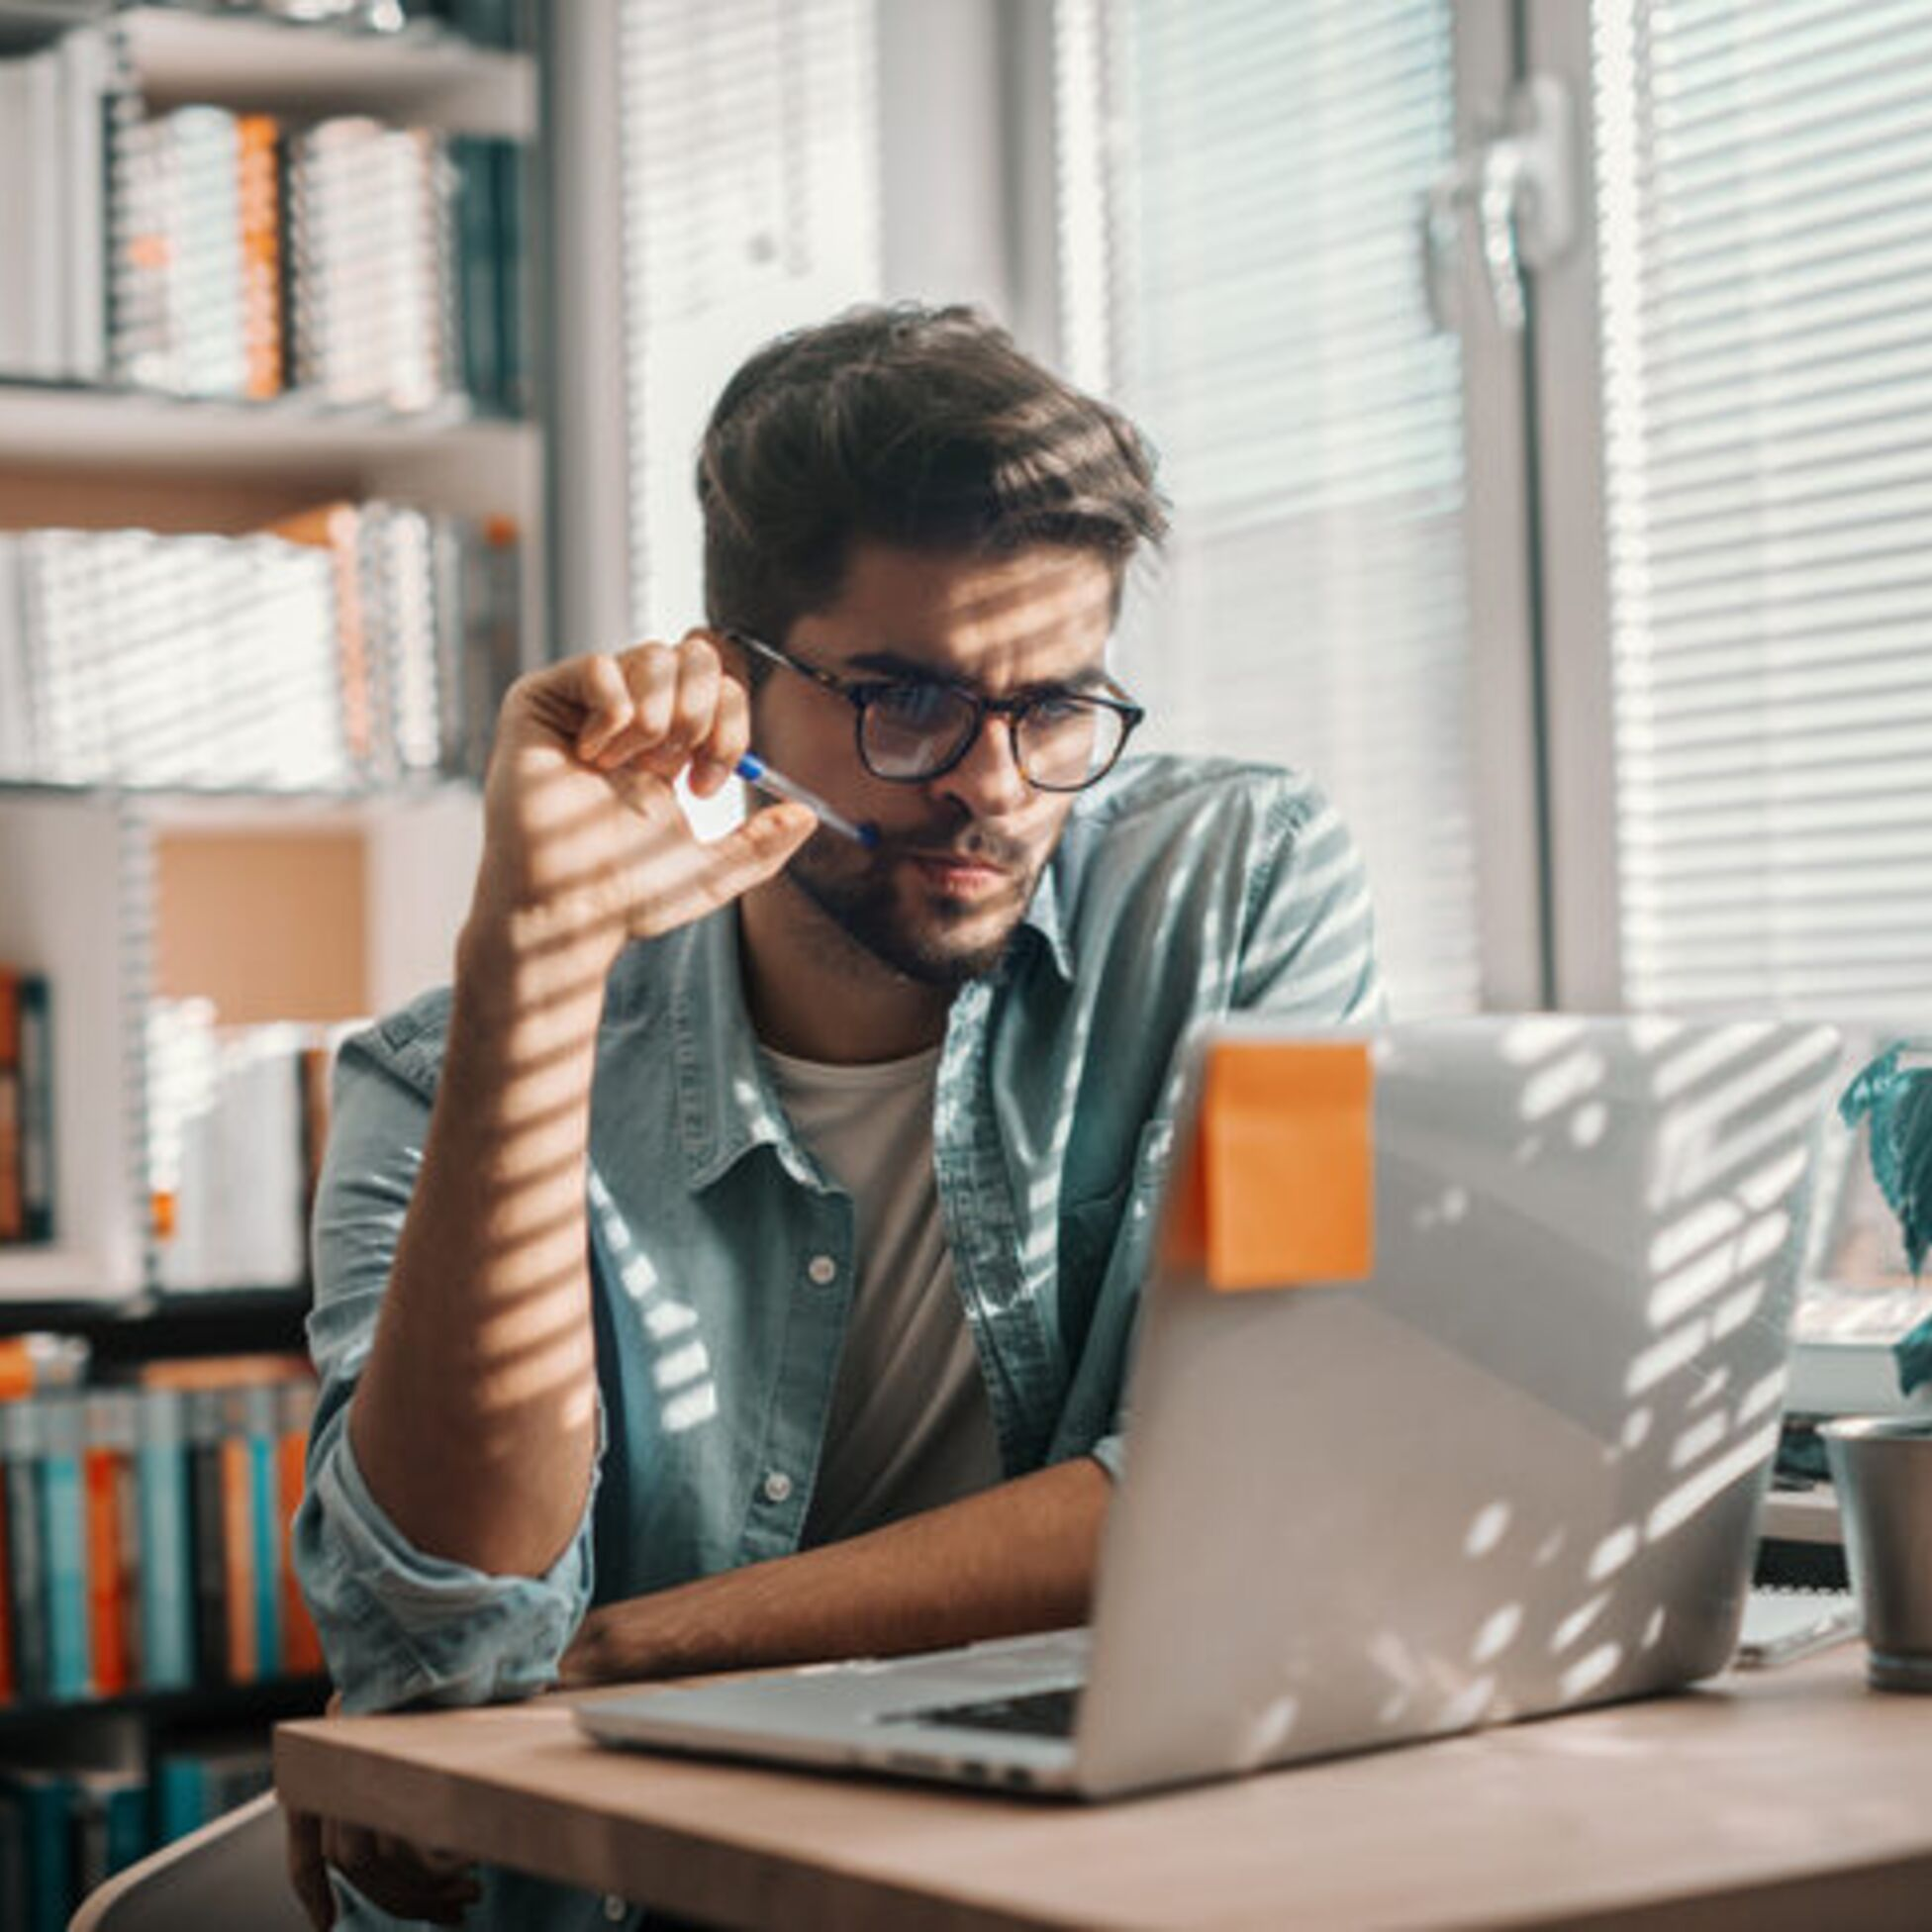 Mann checkt Wohnungsanzeige im Netz